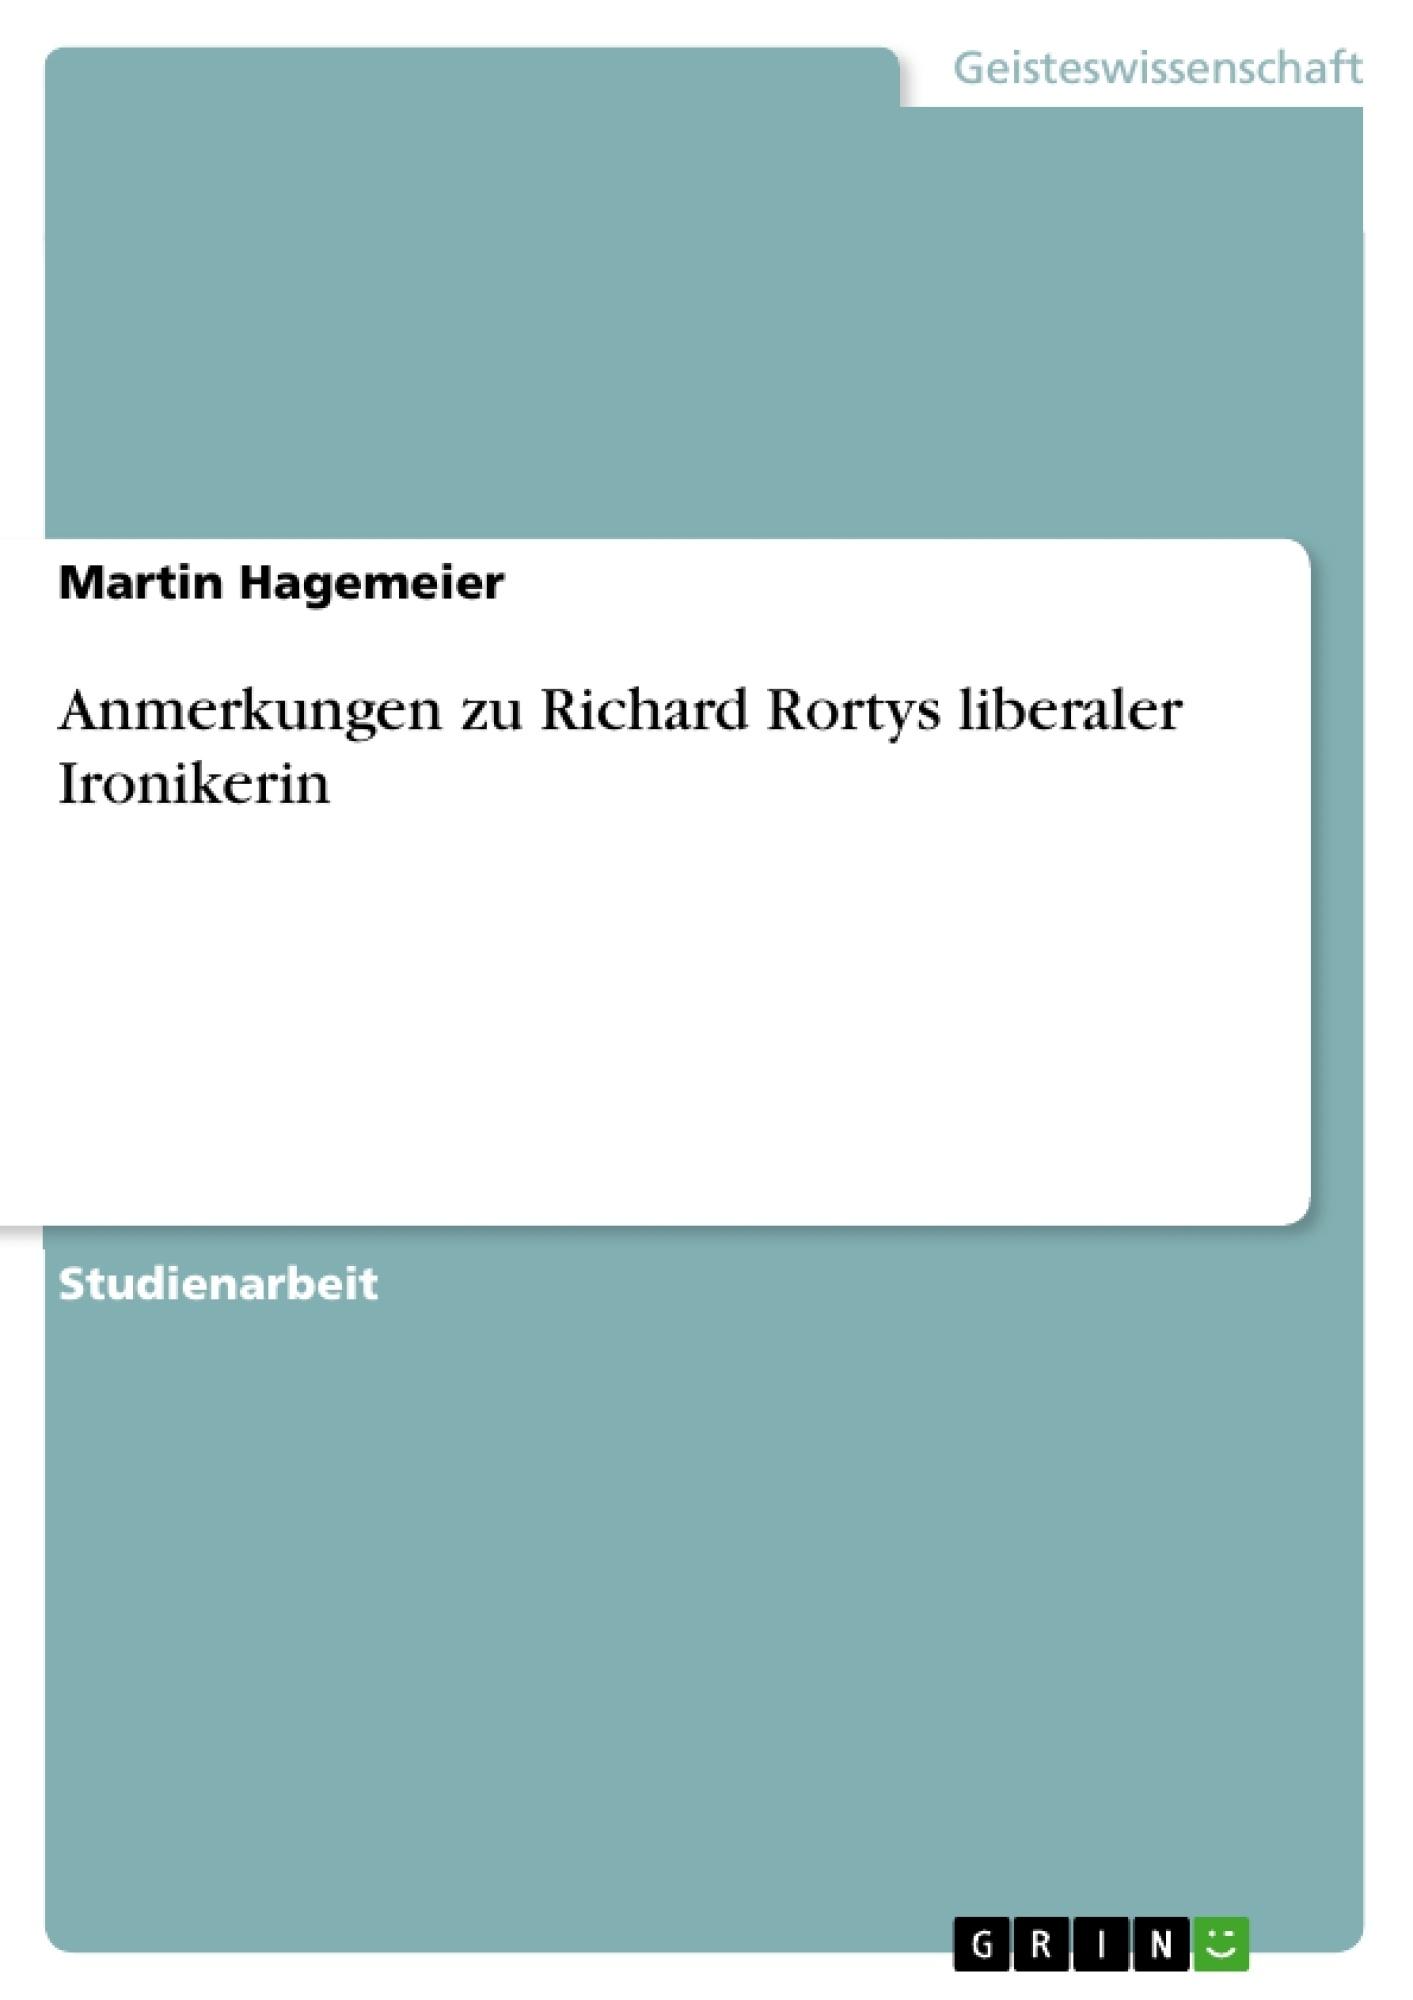 Titel: Anmerkungen zu Richard Rortys liberaler Ironikerin